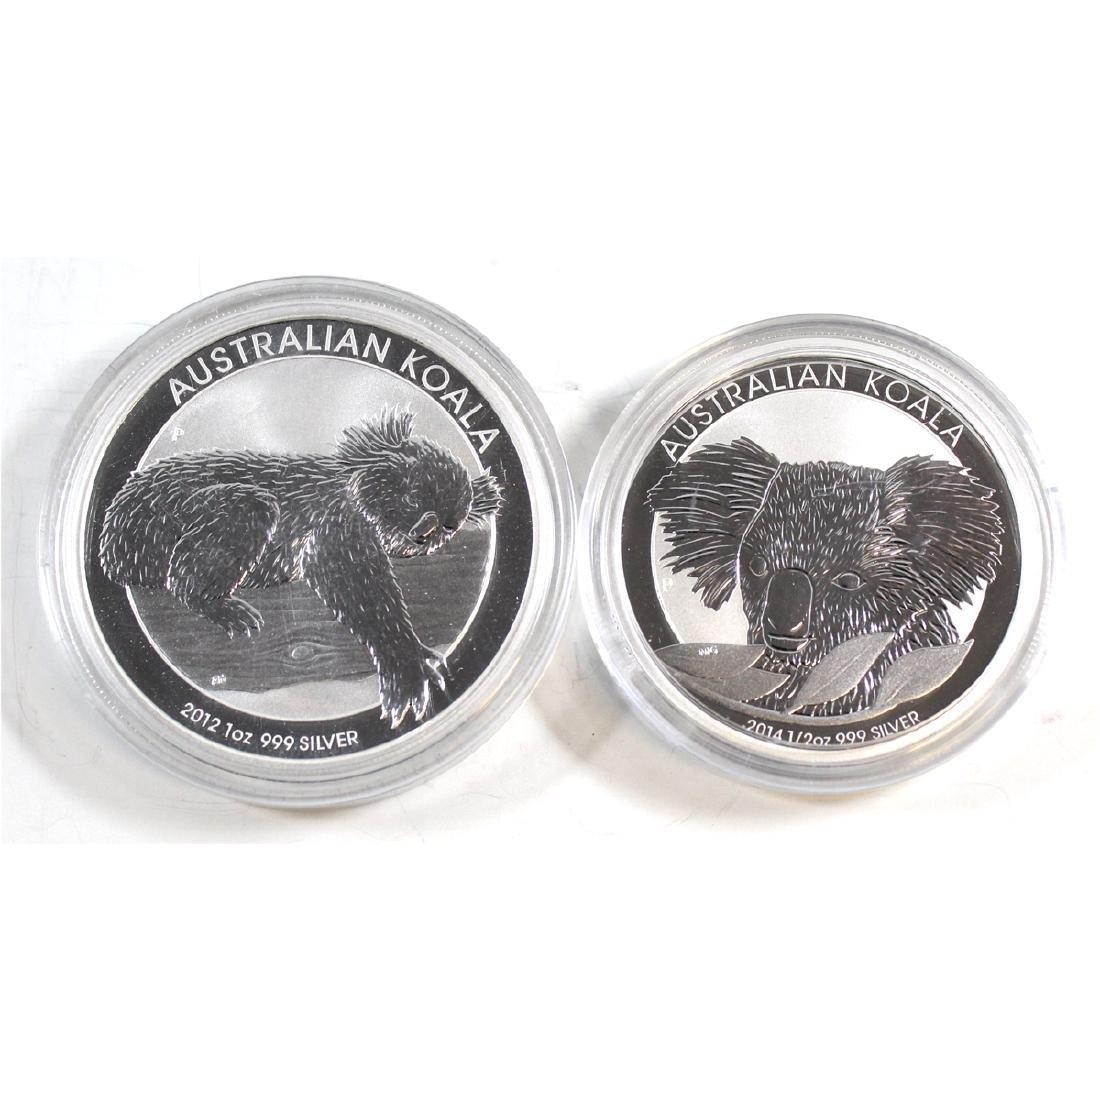 2012 Australia 1oz Fine Silver Koala & 2014 Australia